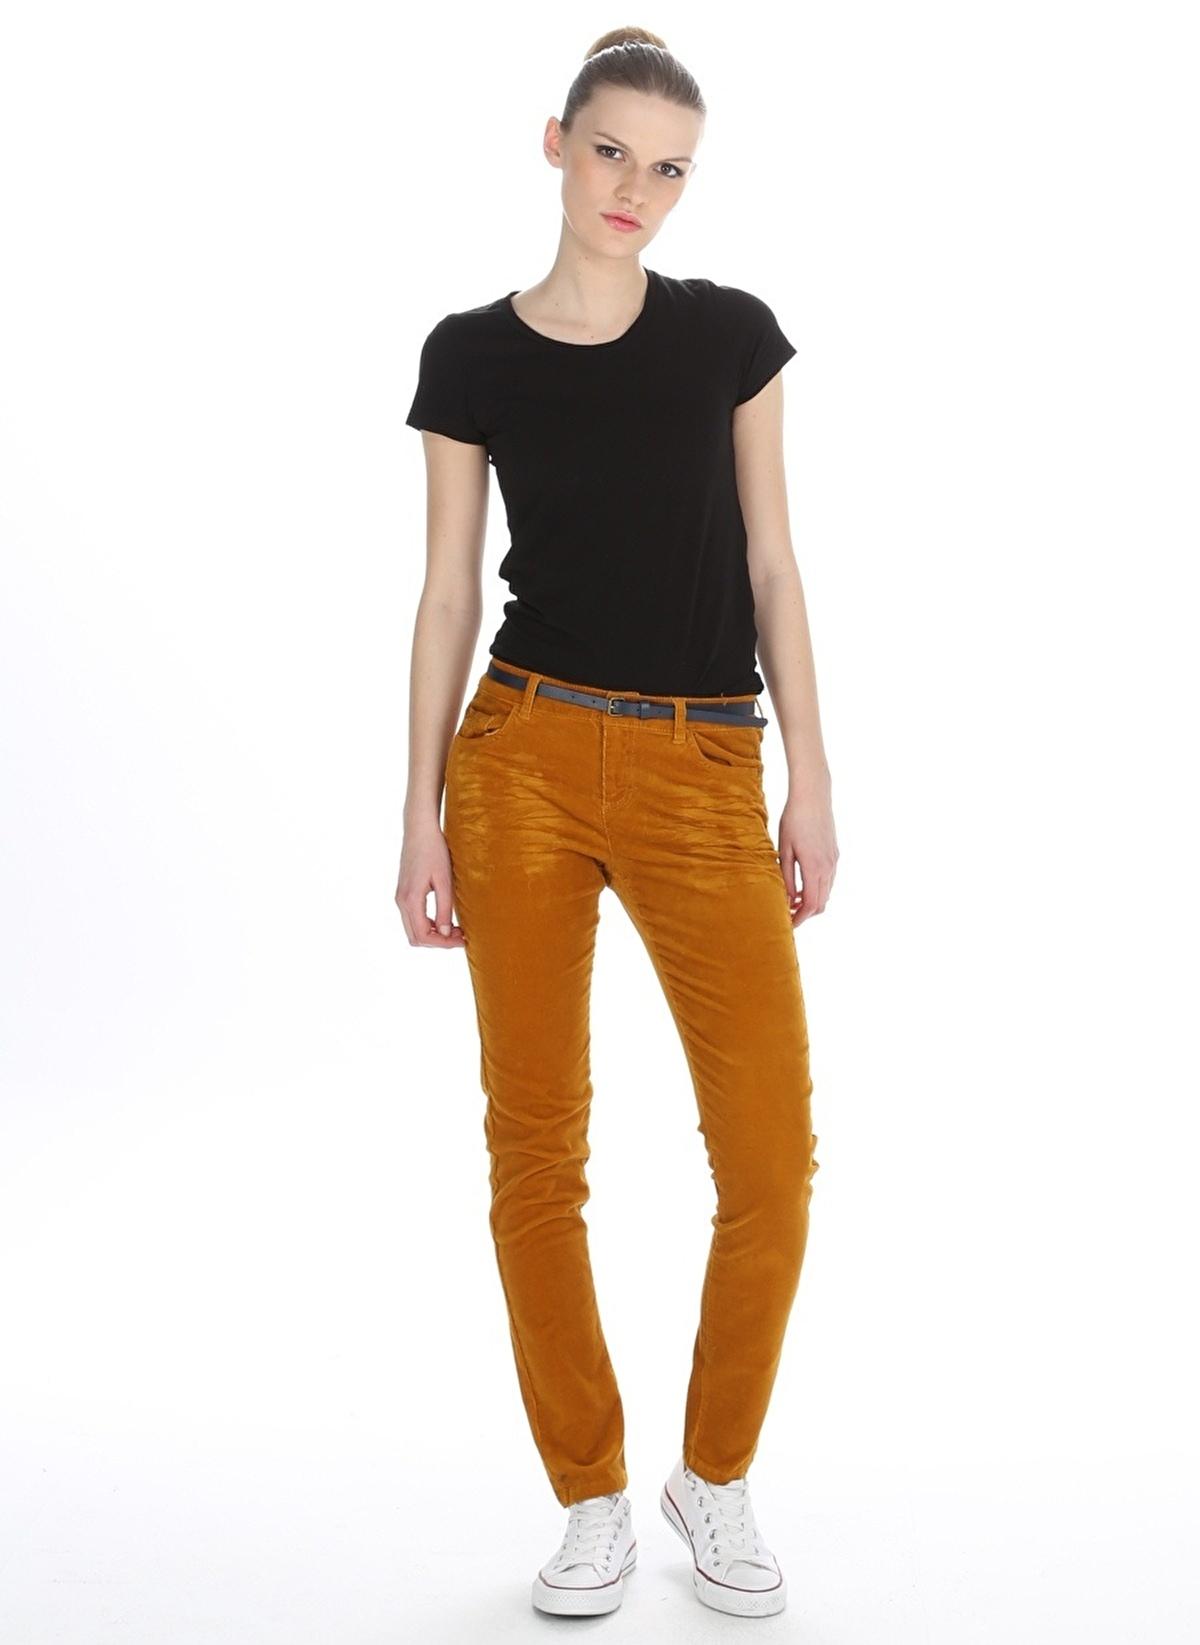 Limon Company Slim Fit Pantolon 32pur Cord Pantolon – 29.99 TL